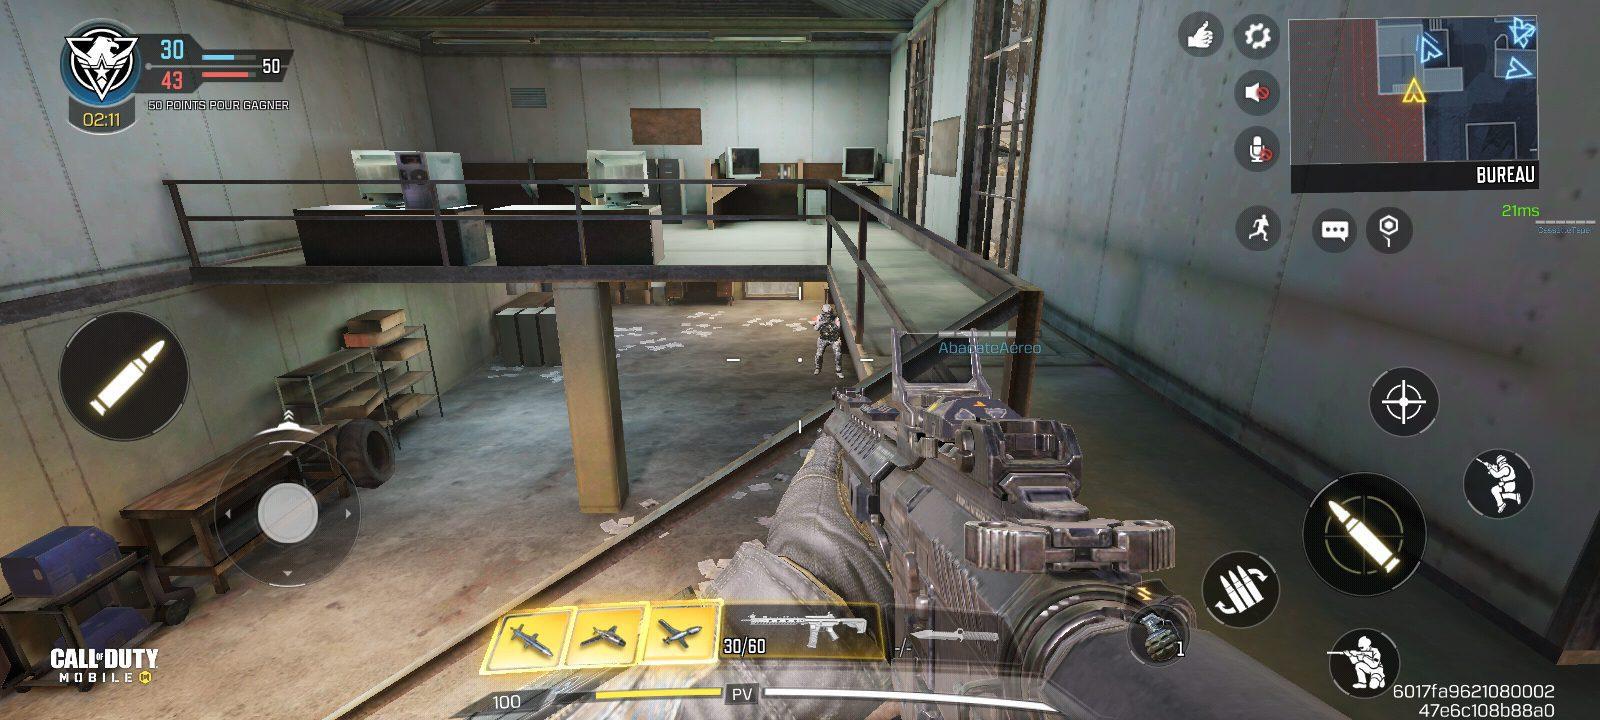 Astuces Call of Duty Mobile, attaquer en hauteur